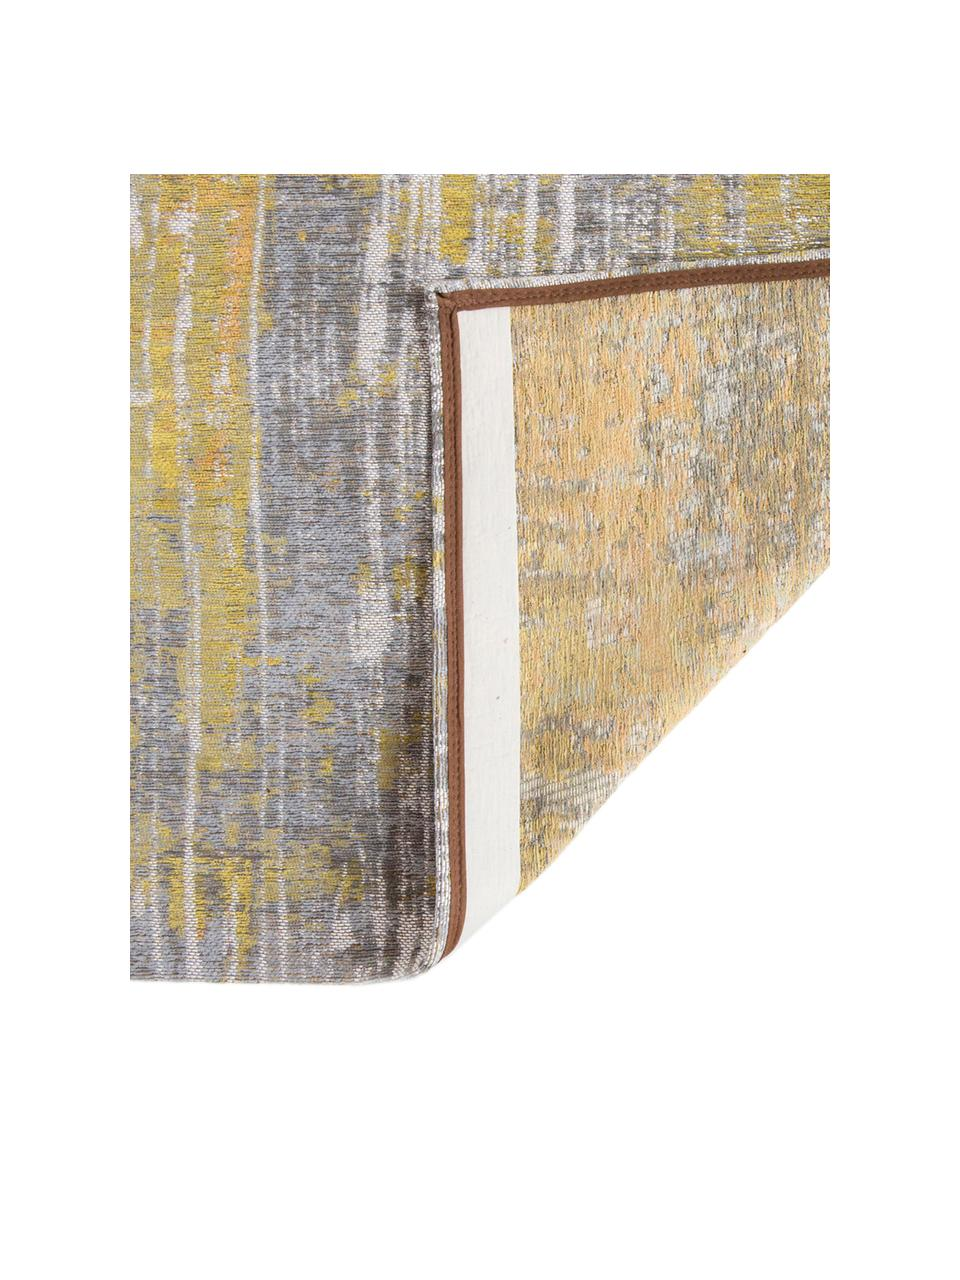 Tappeto di design grigio/giallo Streaks, Tessuto: Jacquard, Retro: Cotone misto, rivestito d, Giallo, grigio, bianco, Larg. 140 x Lung. 200 cm (taglia S)